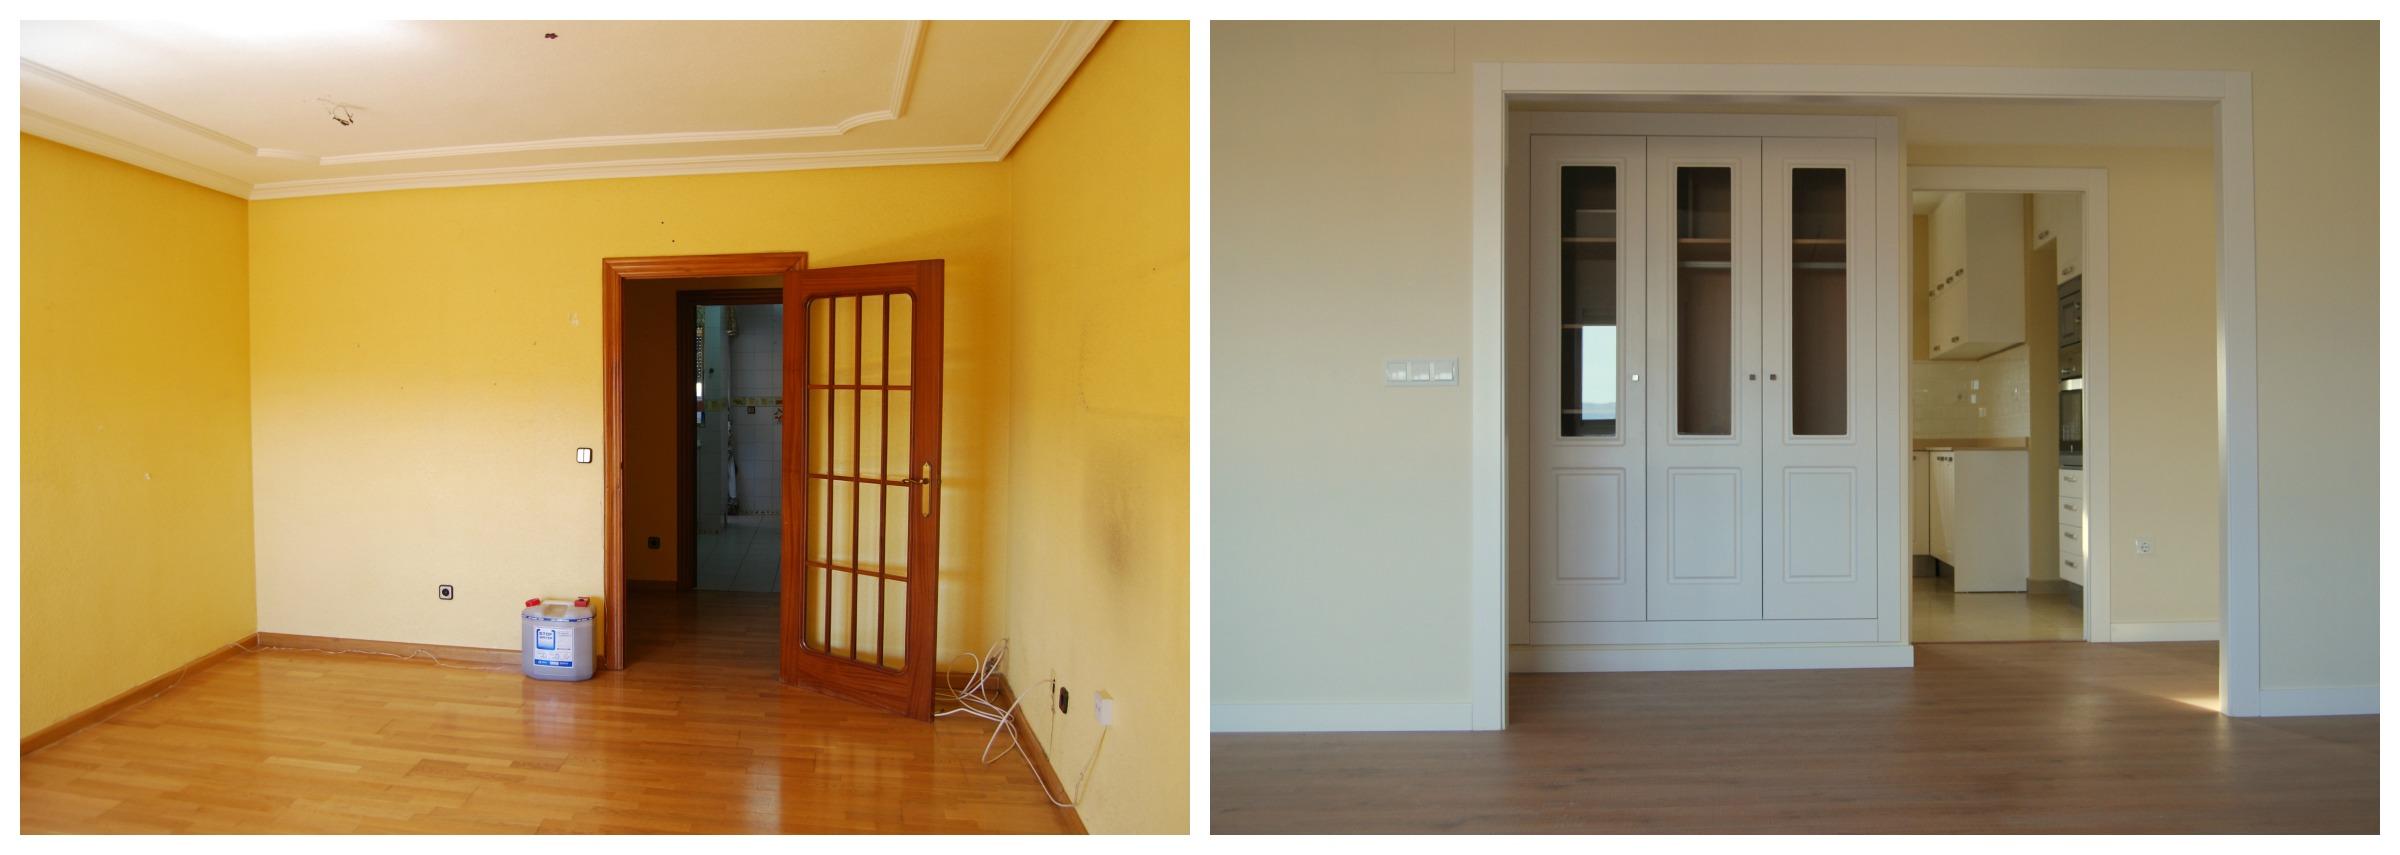 Puerta corredera salon good puertas correderas de diseo y - Puertas correderas de salon ...